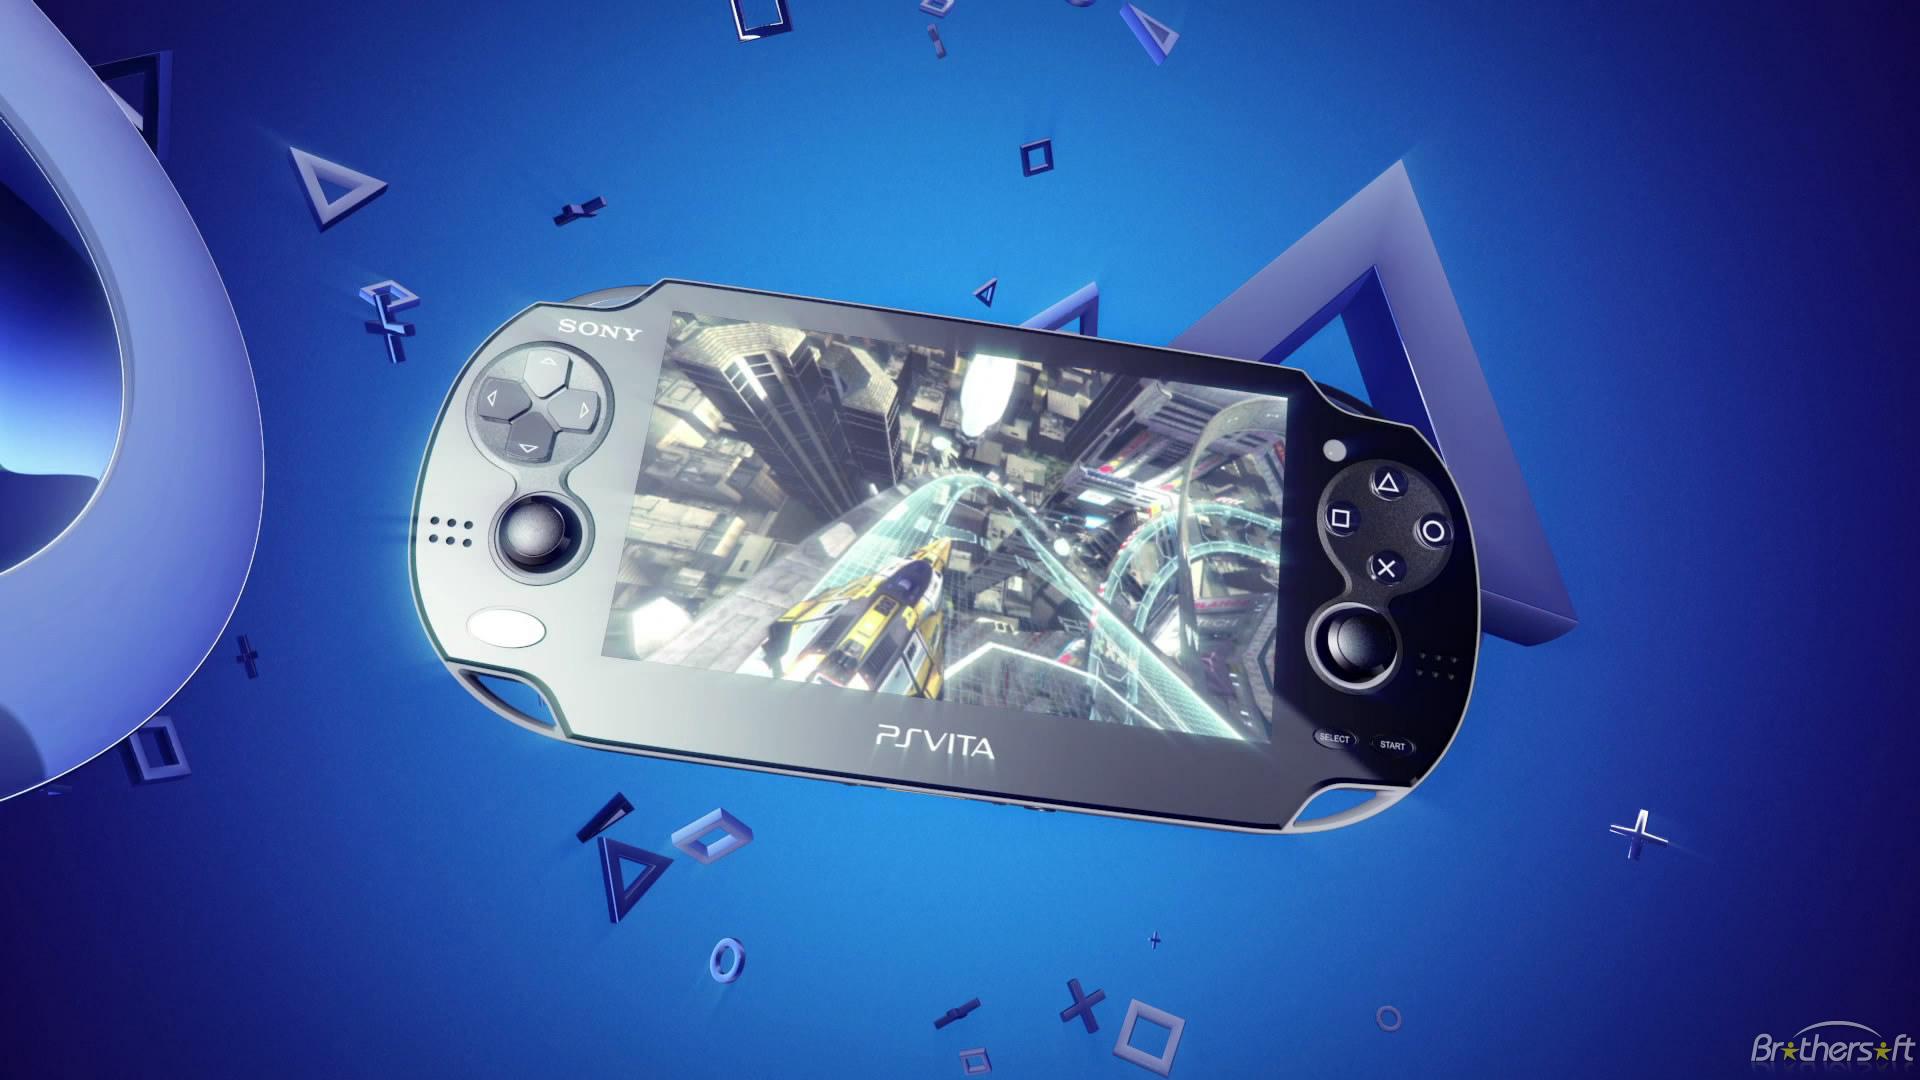 PlayStation: Retrospectiva antes do PS5 44